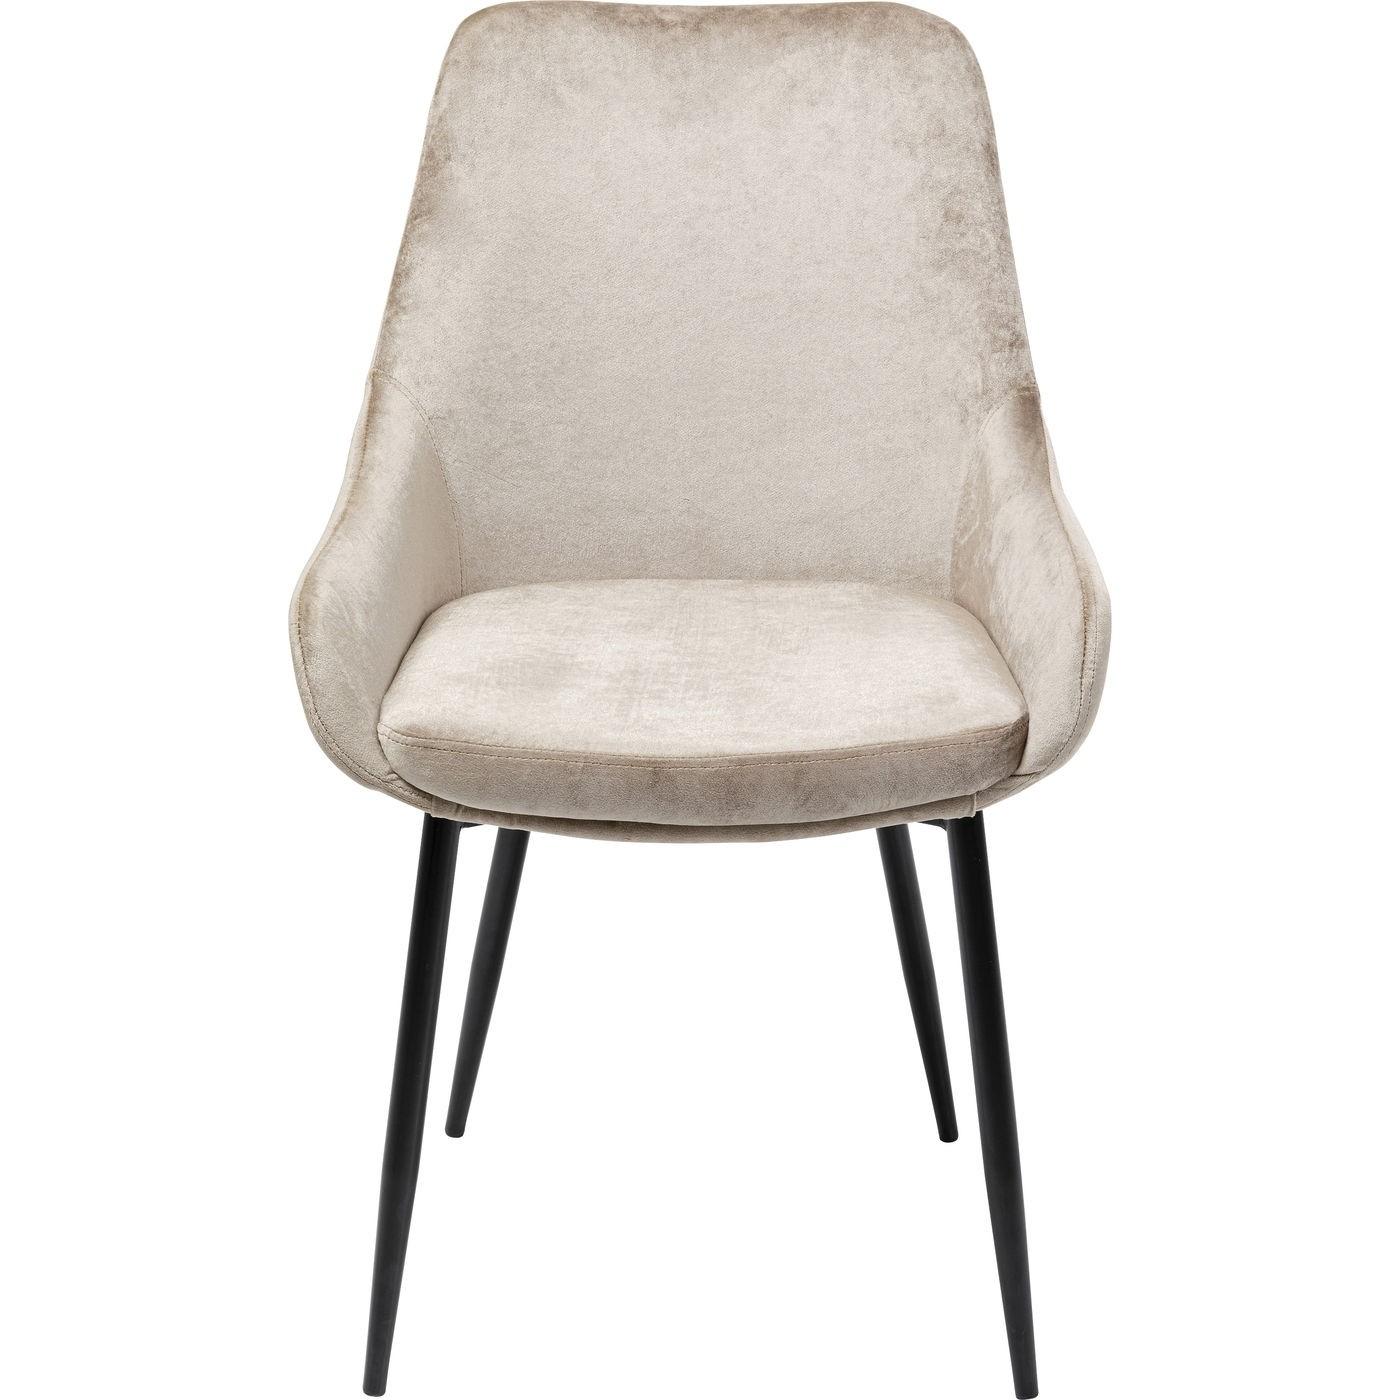 Billede af KARE DESIGN East Side Champagne XL spisebordsstol, m. armlæn - grå velour og stål